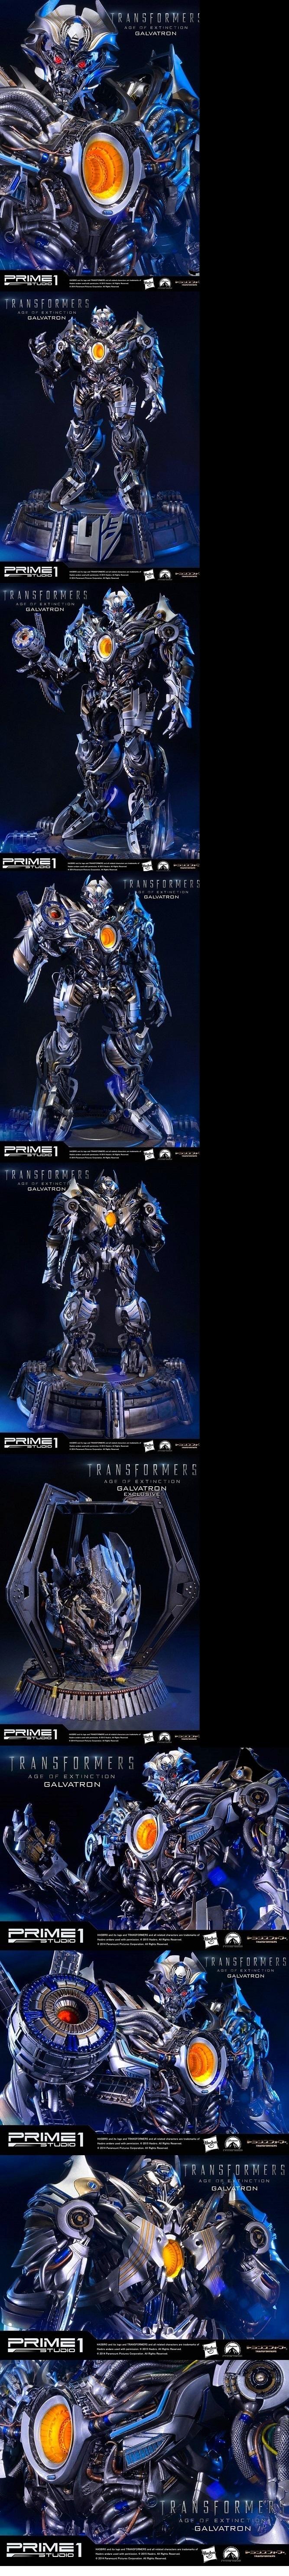 Statues des Films Transformers (articulé, non transformable) ― Par Prime1Studio, M3 Studio, Concept Zone, Super Fans Group, Soap Studio, Soldier Story Toys, etc - Page 3 389132103516779584645575335202096709262264702951nGalvatronMegatron3Copie